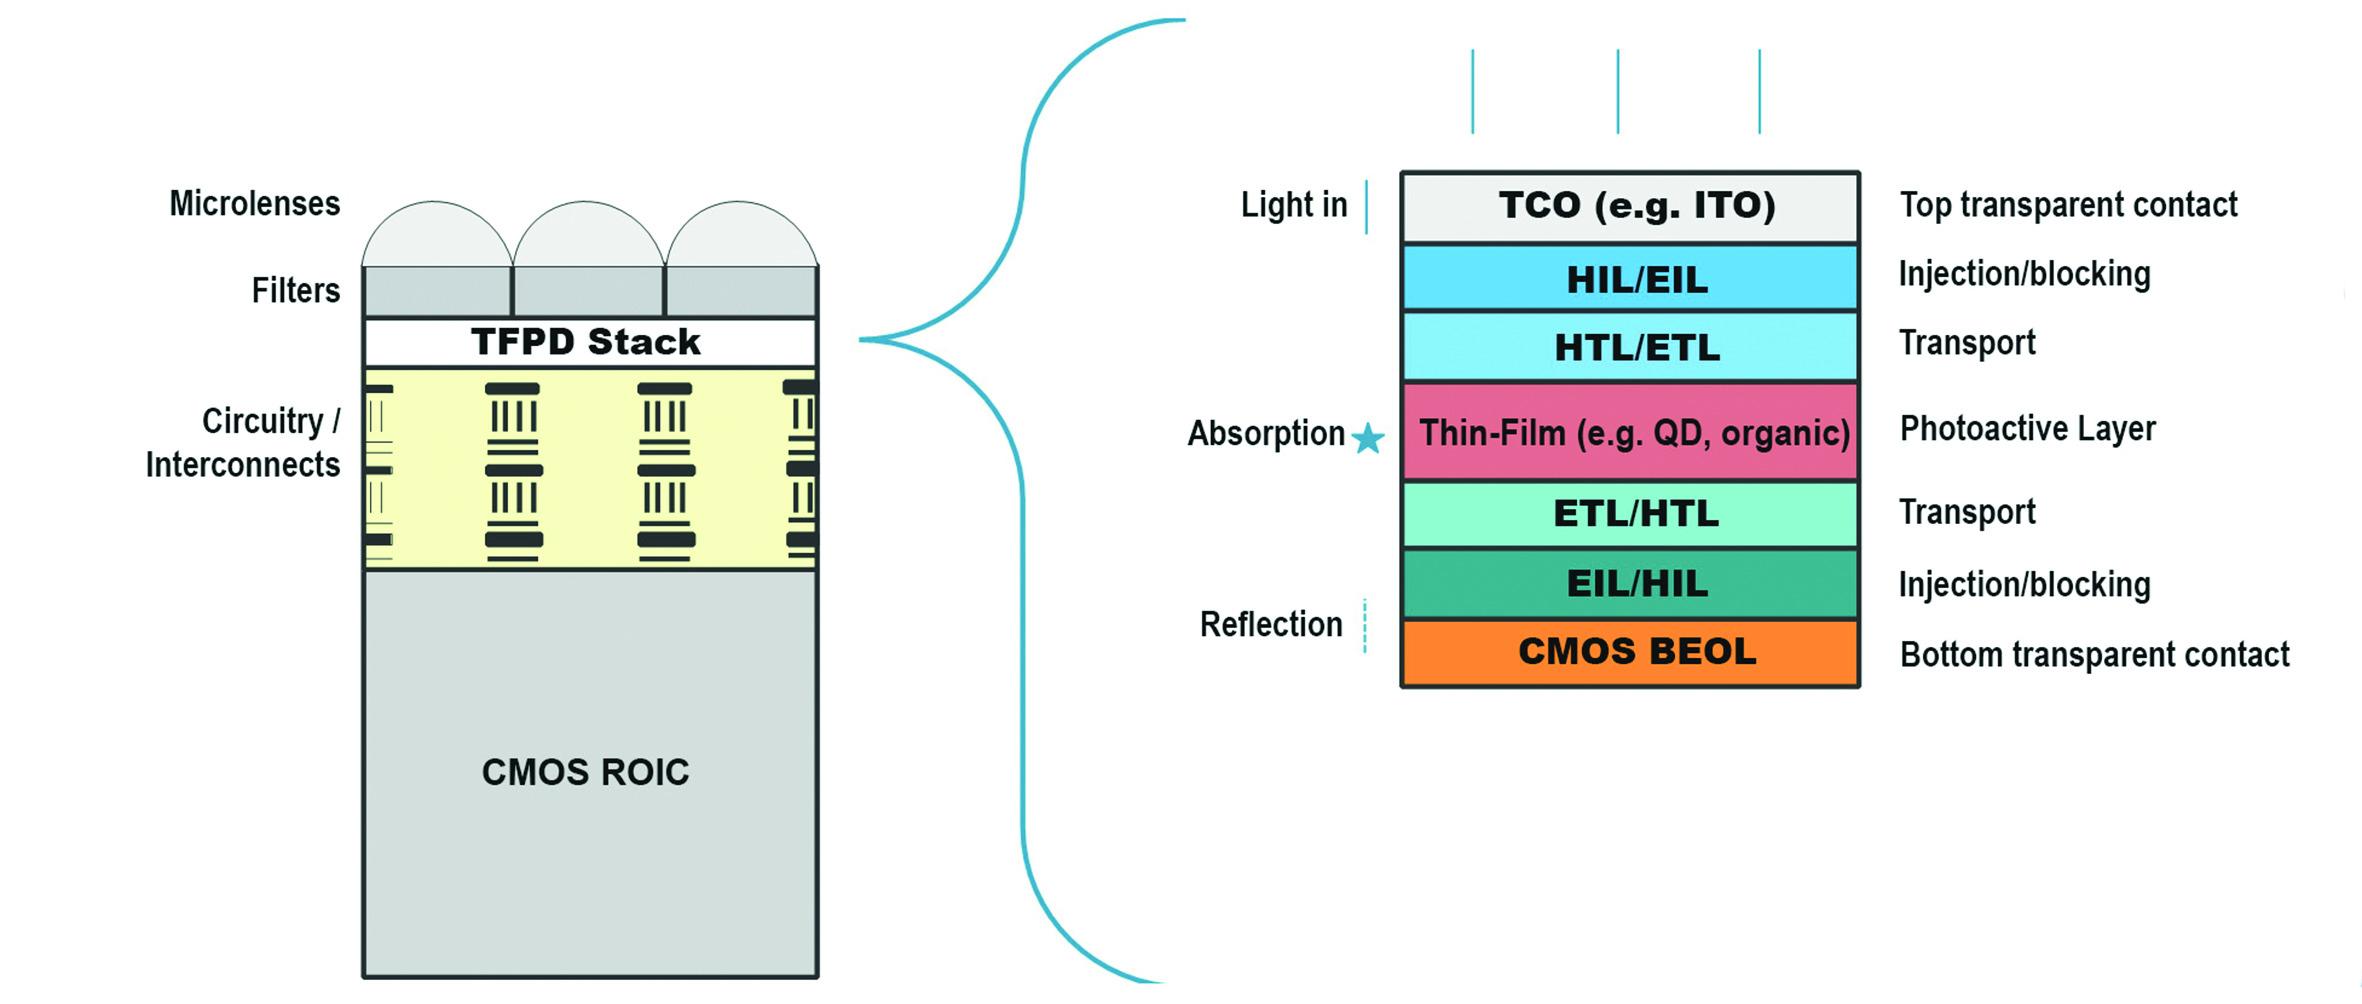 Bild 1 | Durch den Aufbau eines Dünnfilm-Multilayer-Stacks mit einer fotoaktiven und im IR-Bereich empfindlichen Schicht (r.) über einer Silizium-Ausleseschaltung (ROIC) ist ein IR-empfindlicher CMOS-Sensor (l.) möglich, der auch für eine Serienproduktion geeignet ist. (Bild: Imec)